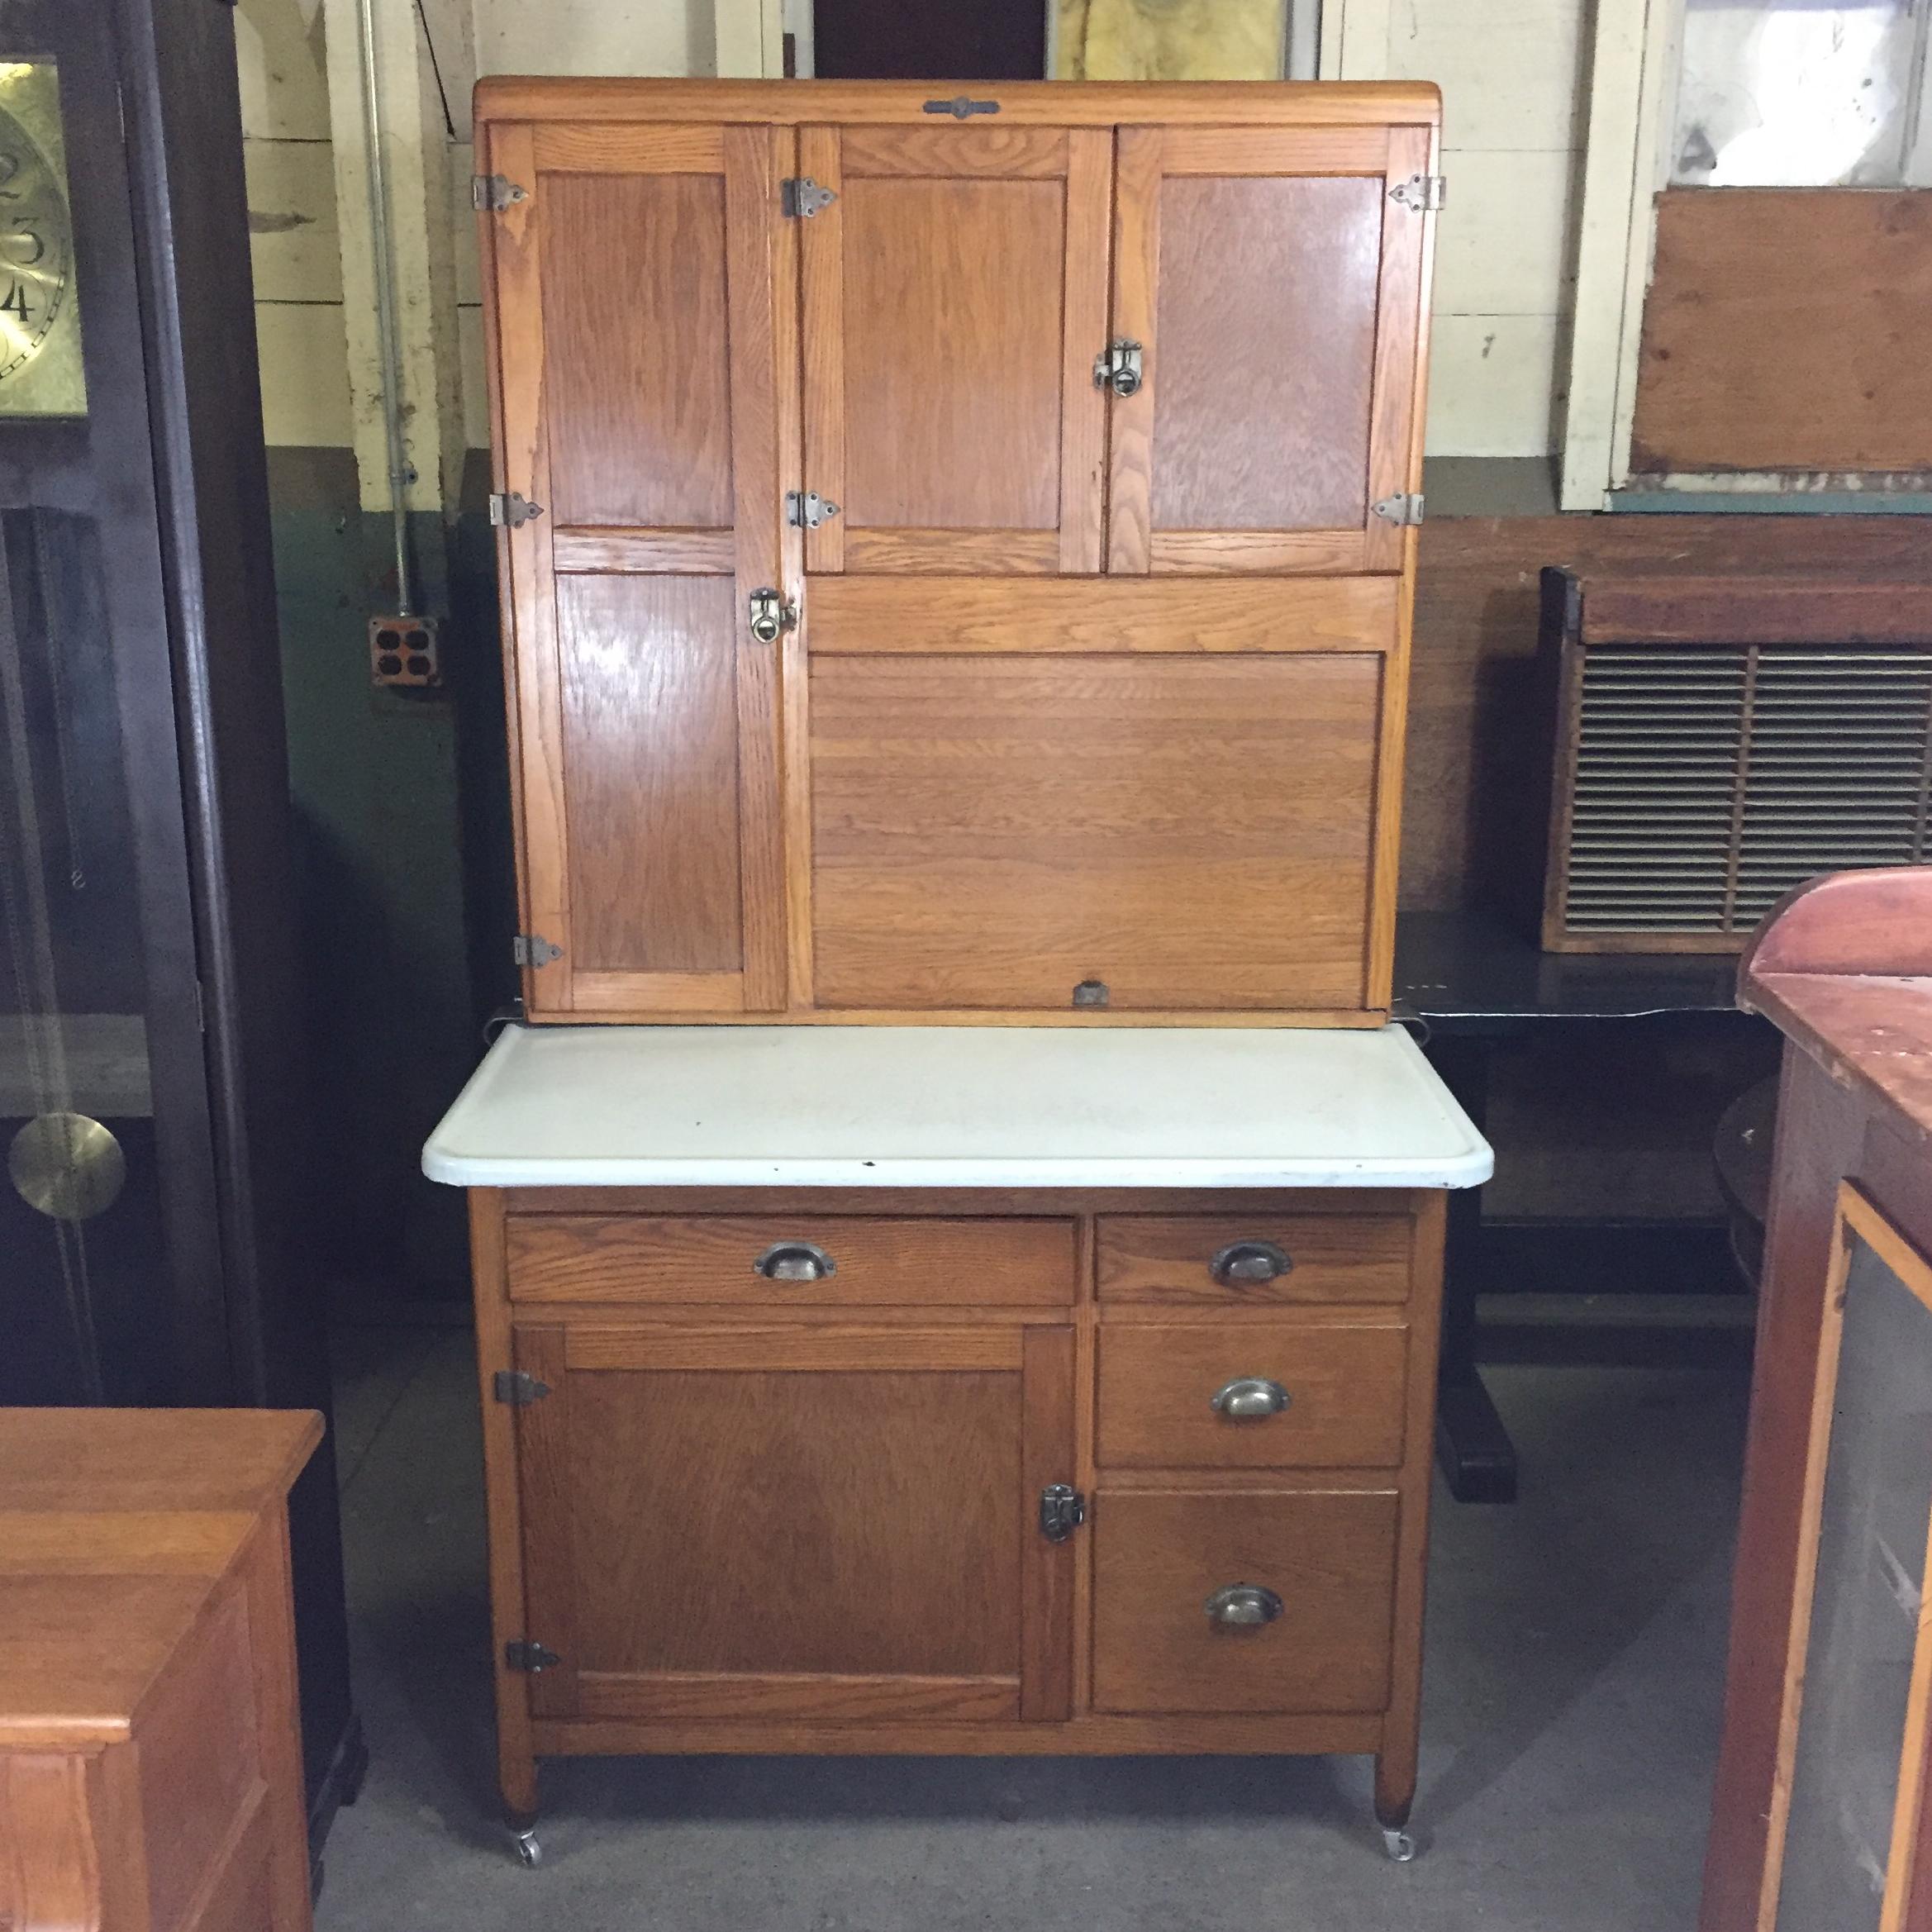 Etonnant Napanee Dutch Kitchenette Hoosier Cabinet   Image 2 Of 7